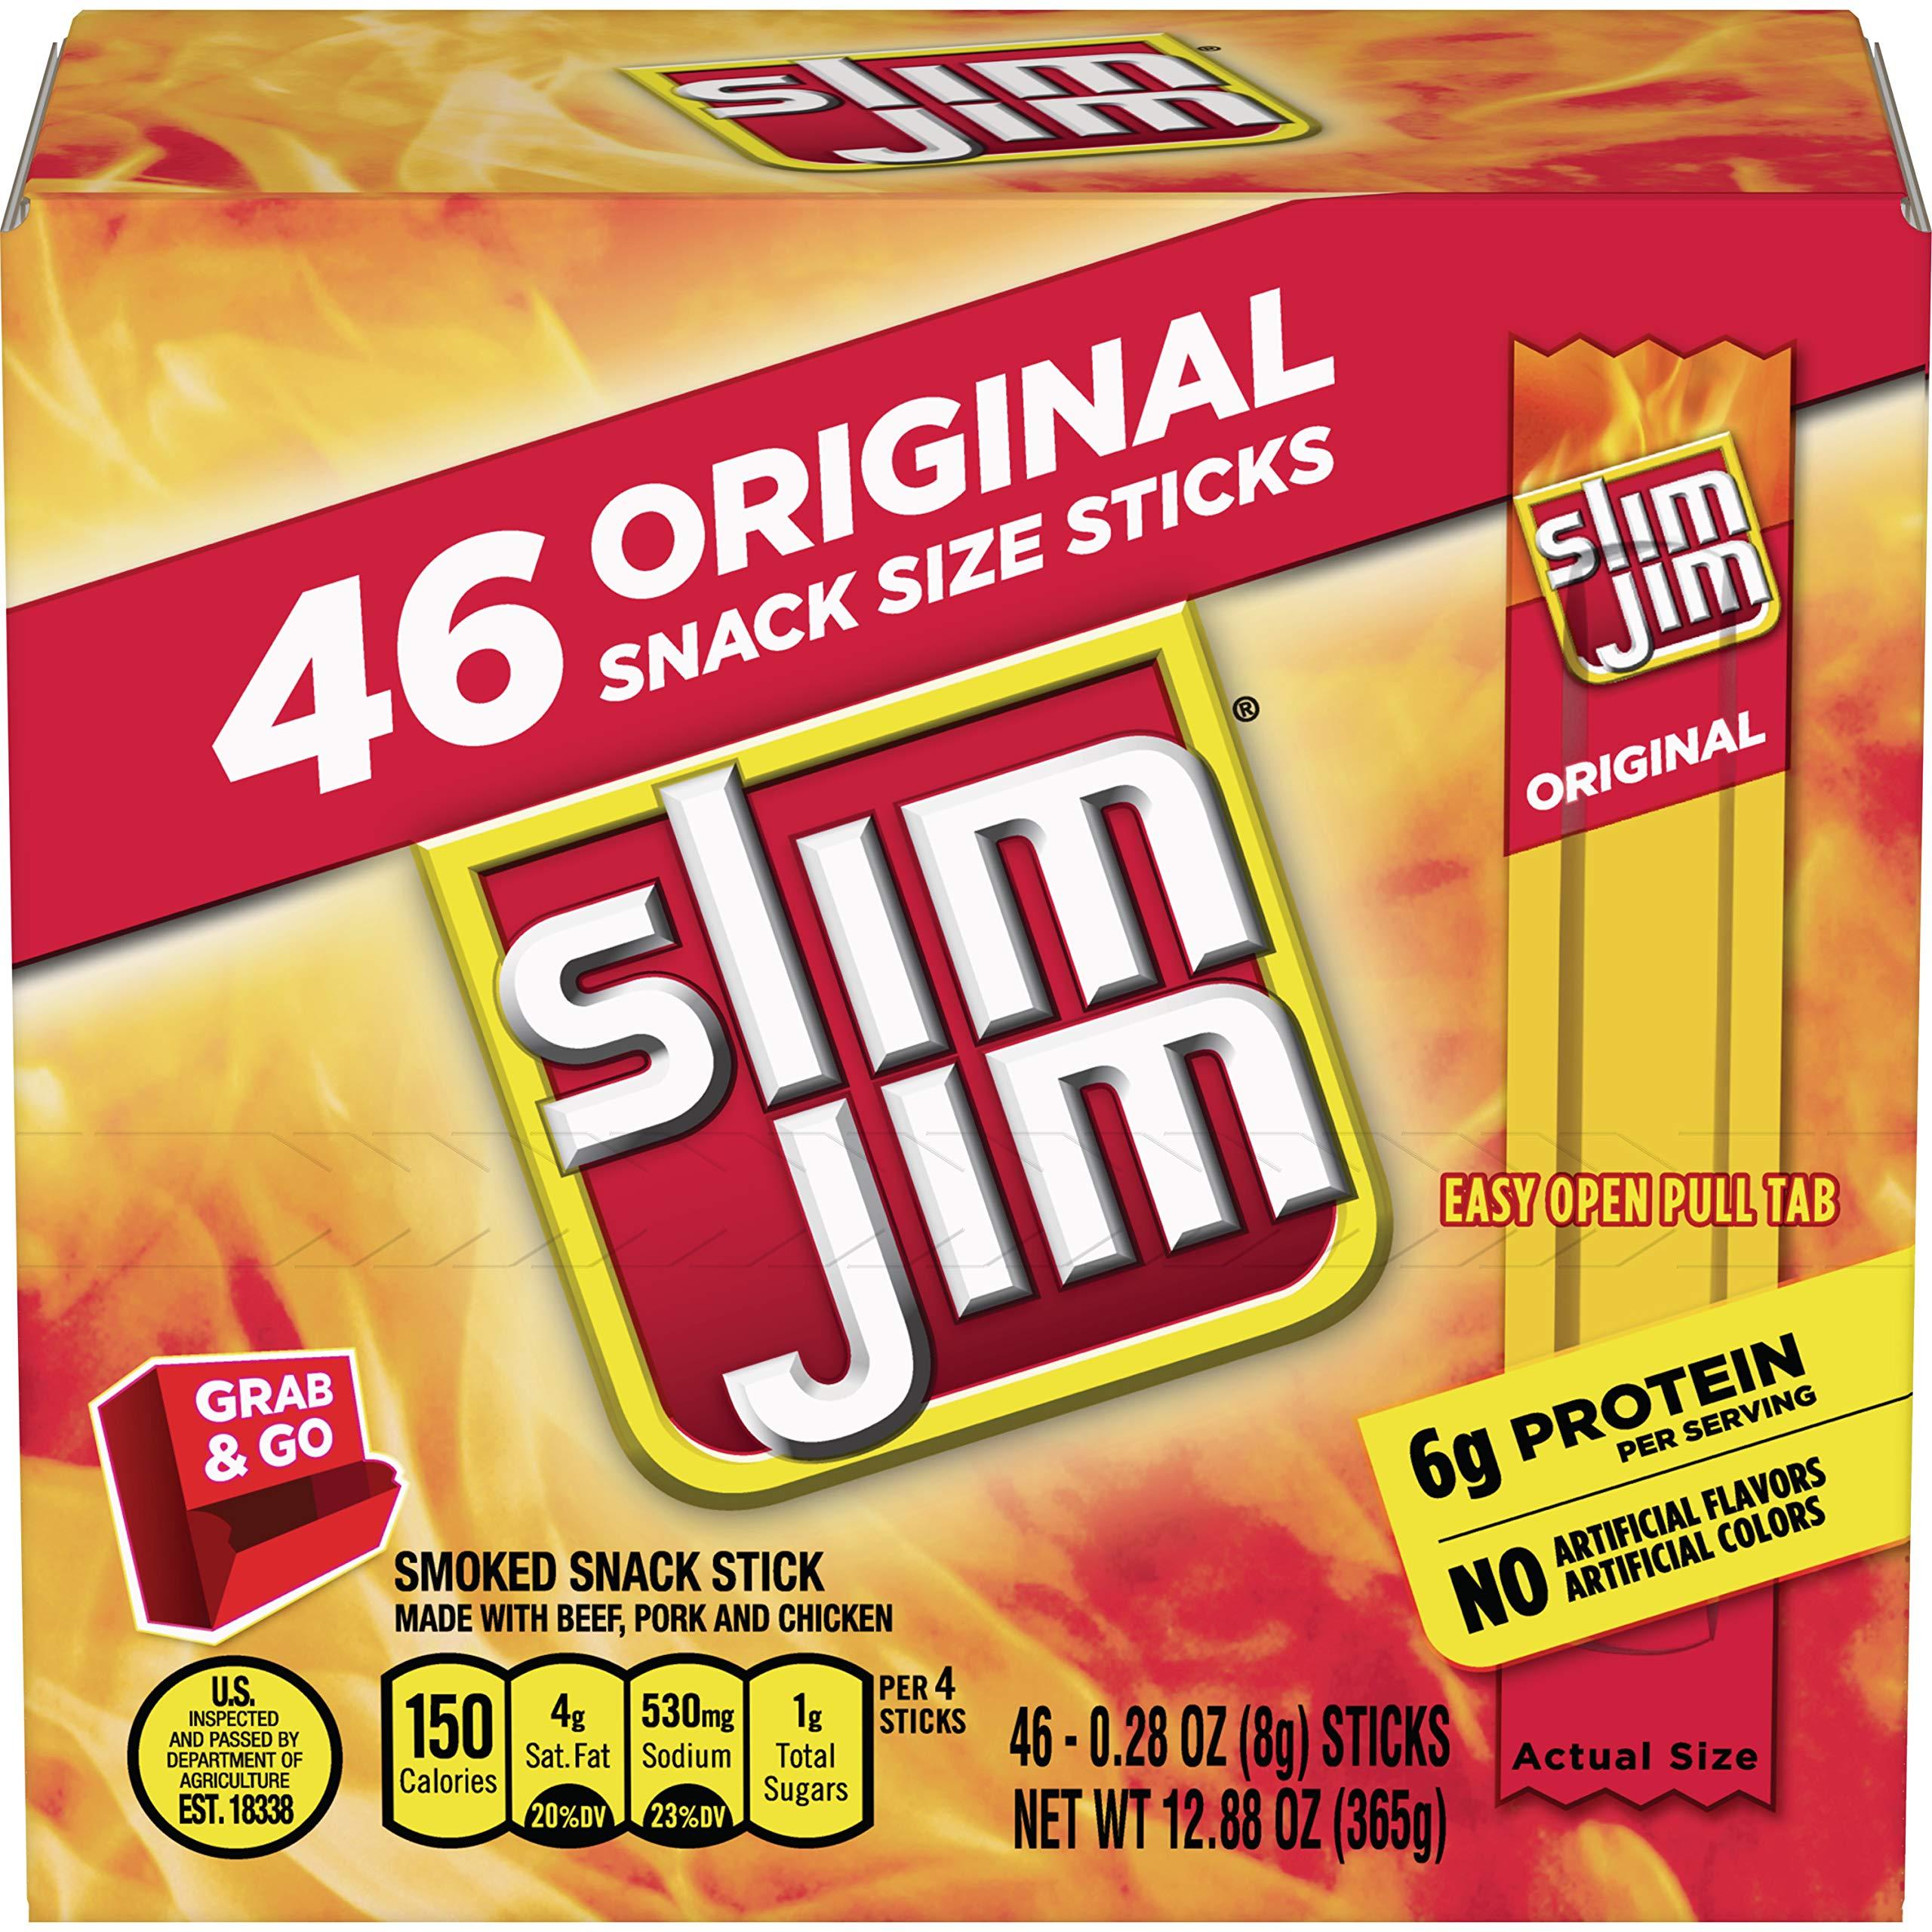 Slim Jim Smoked Snack Stick Pantry Pack, Original, 0.28 oz Stick 46Count by Slim Jim